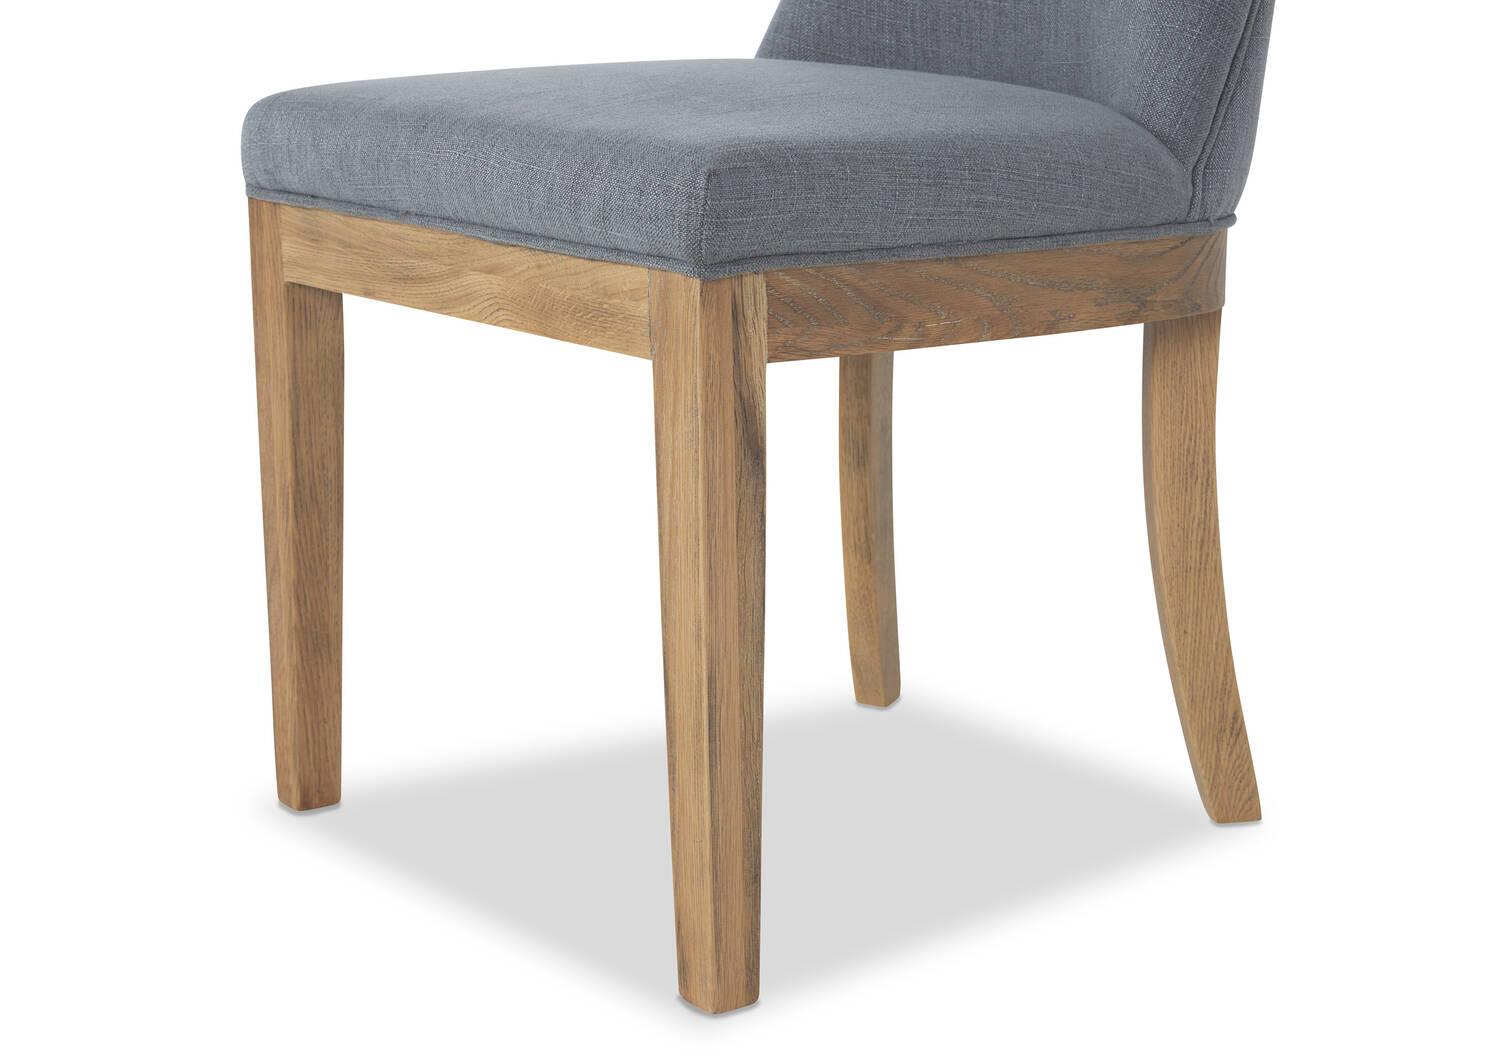 Decatur Dining Chair -Nantucket Dusk